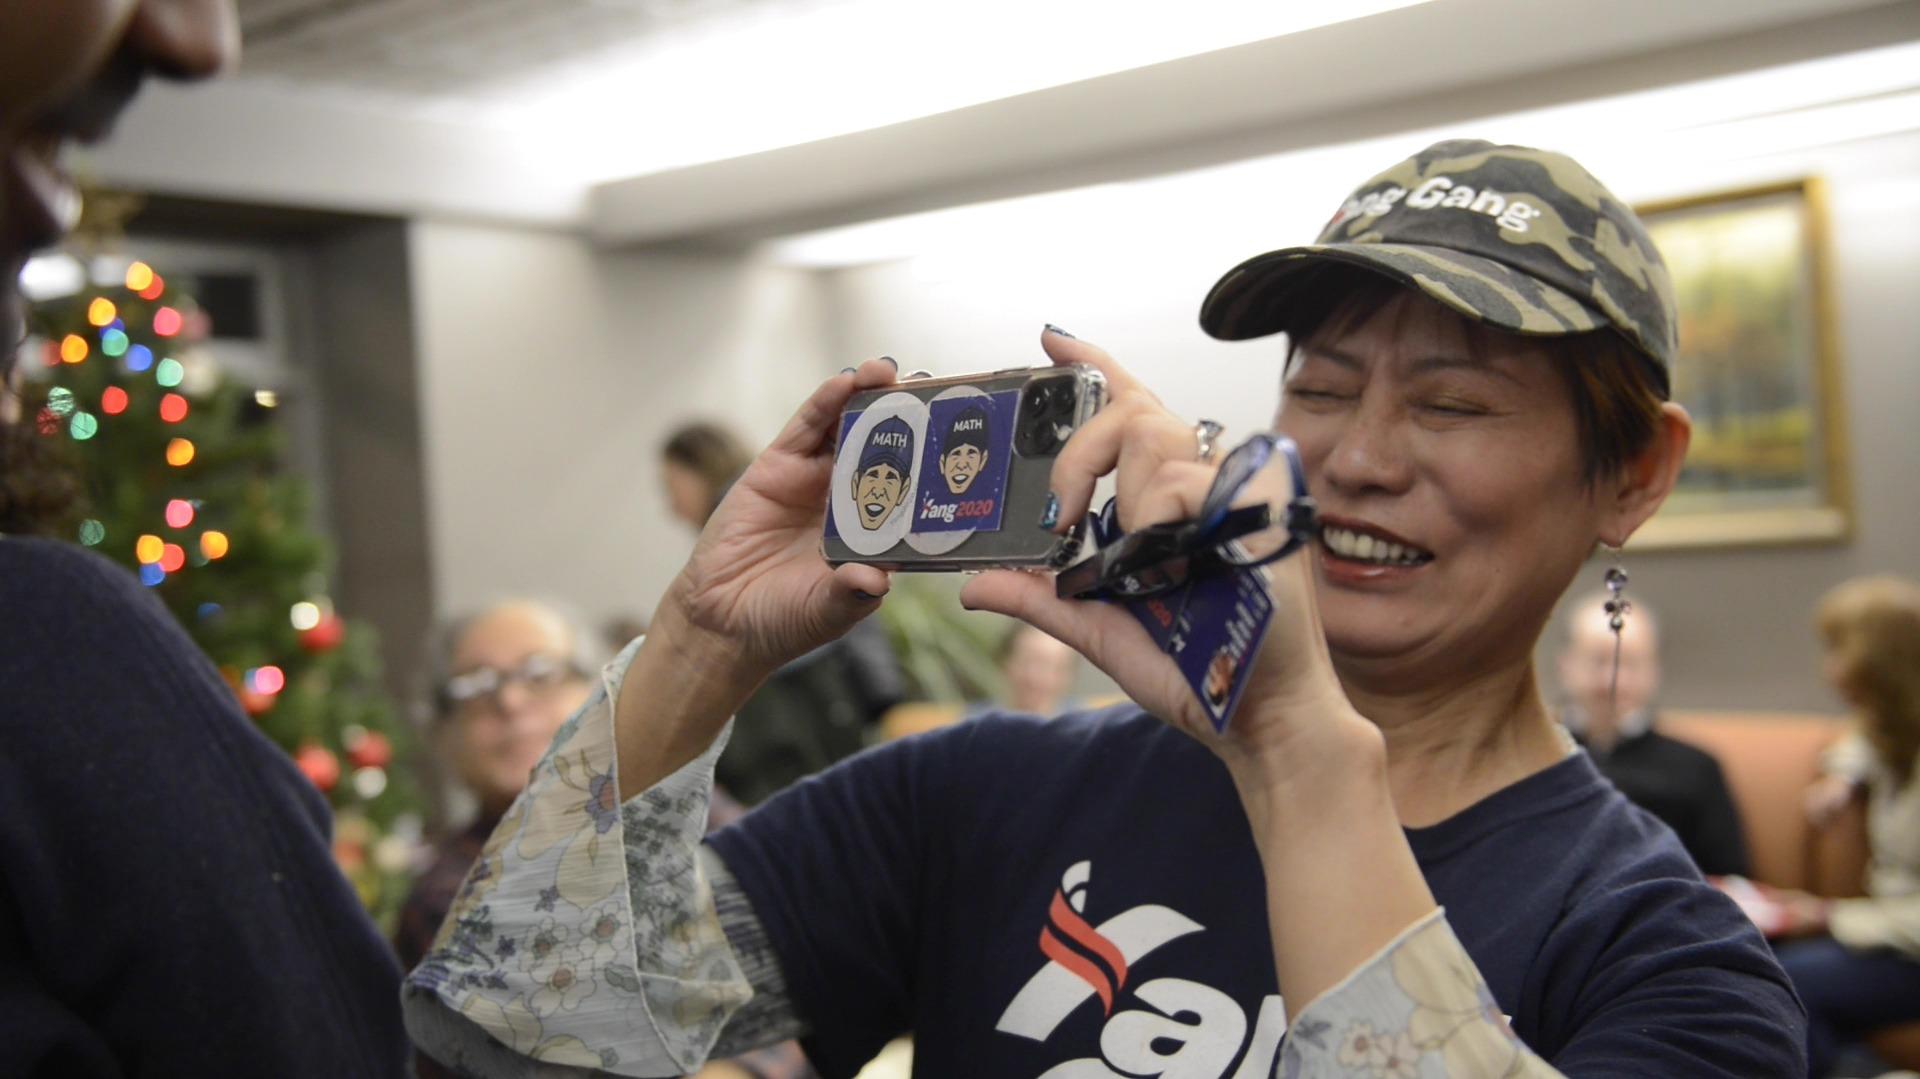 华裔投票拜登:若特朗普连任,就搬去其他国家